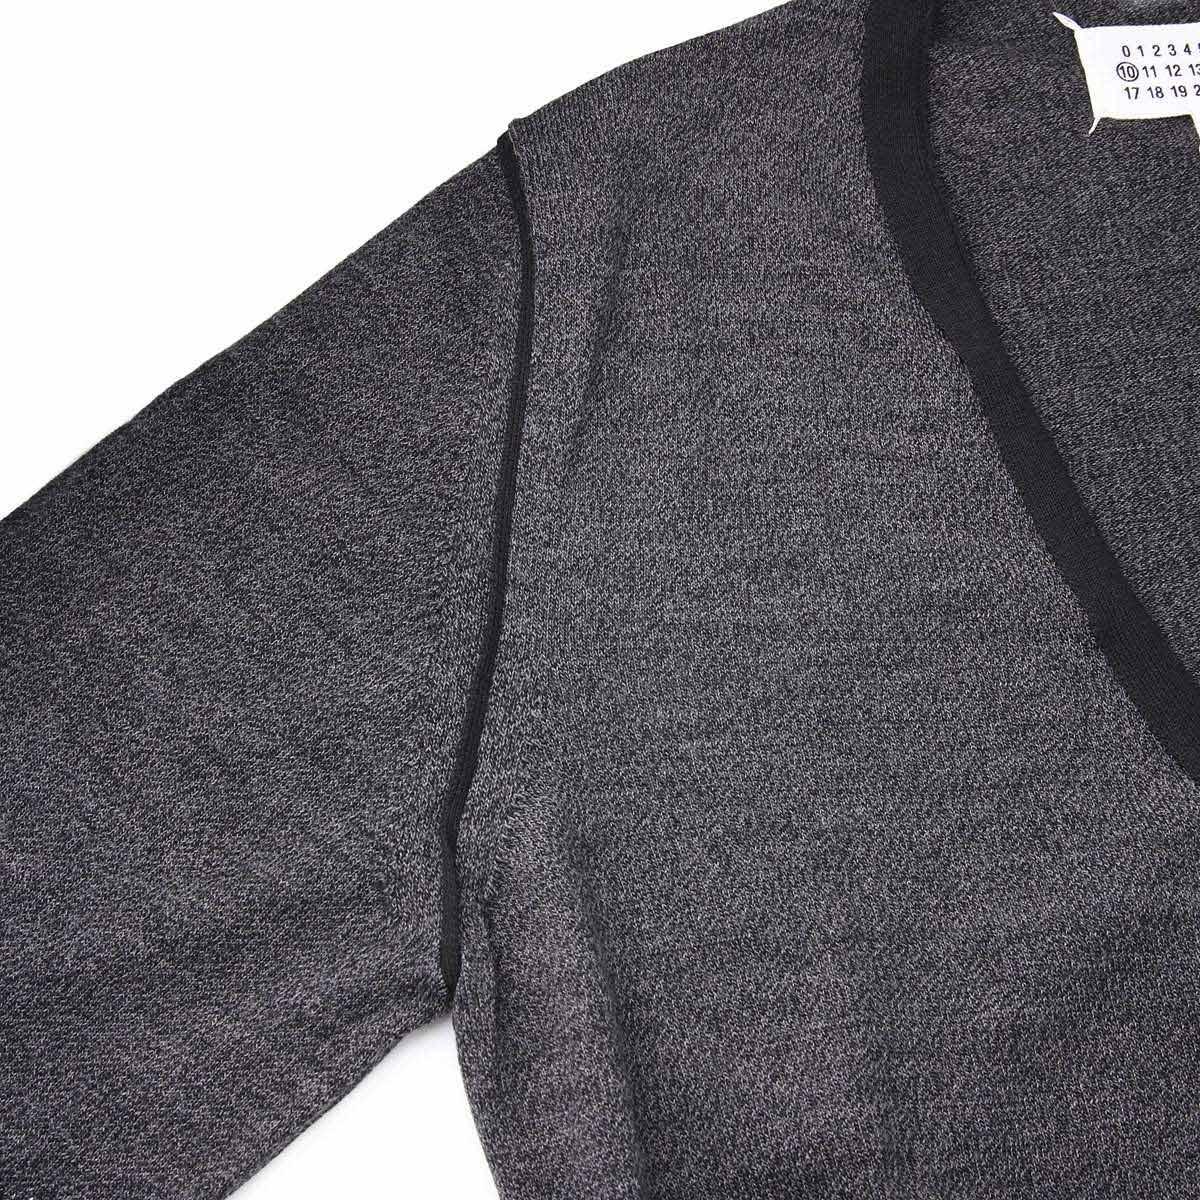 Maison Margiela メゾンマルジェラ Vネック カーディガン/10 男性のためのコレクション メンズ